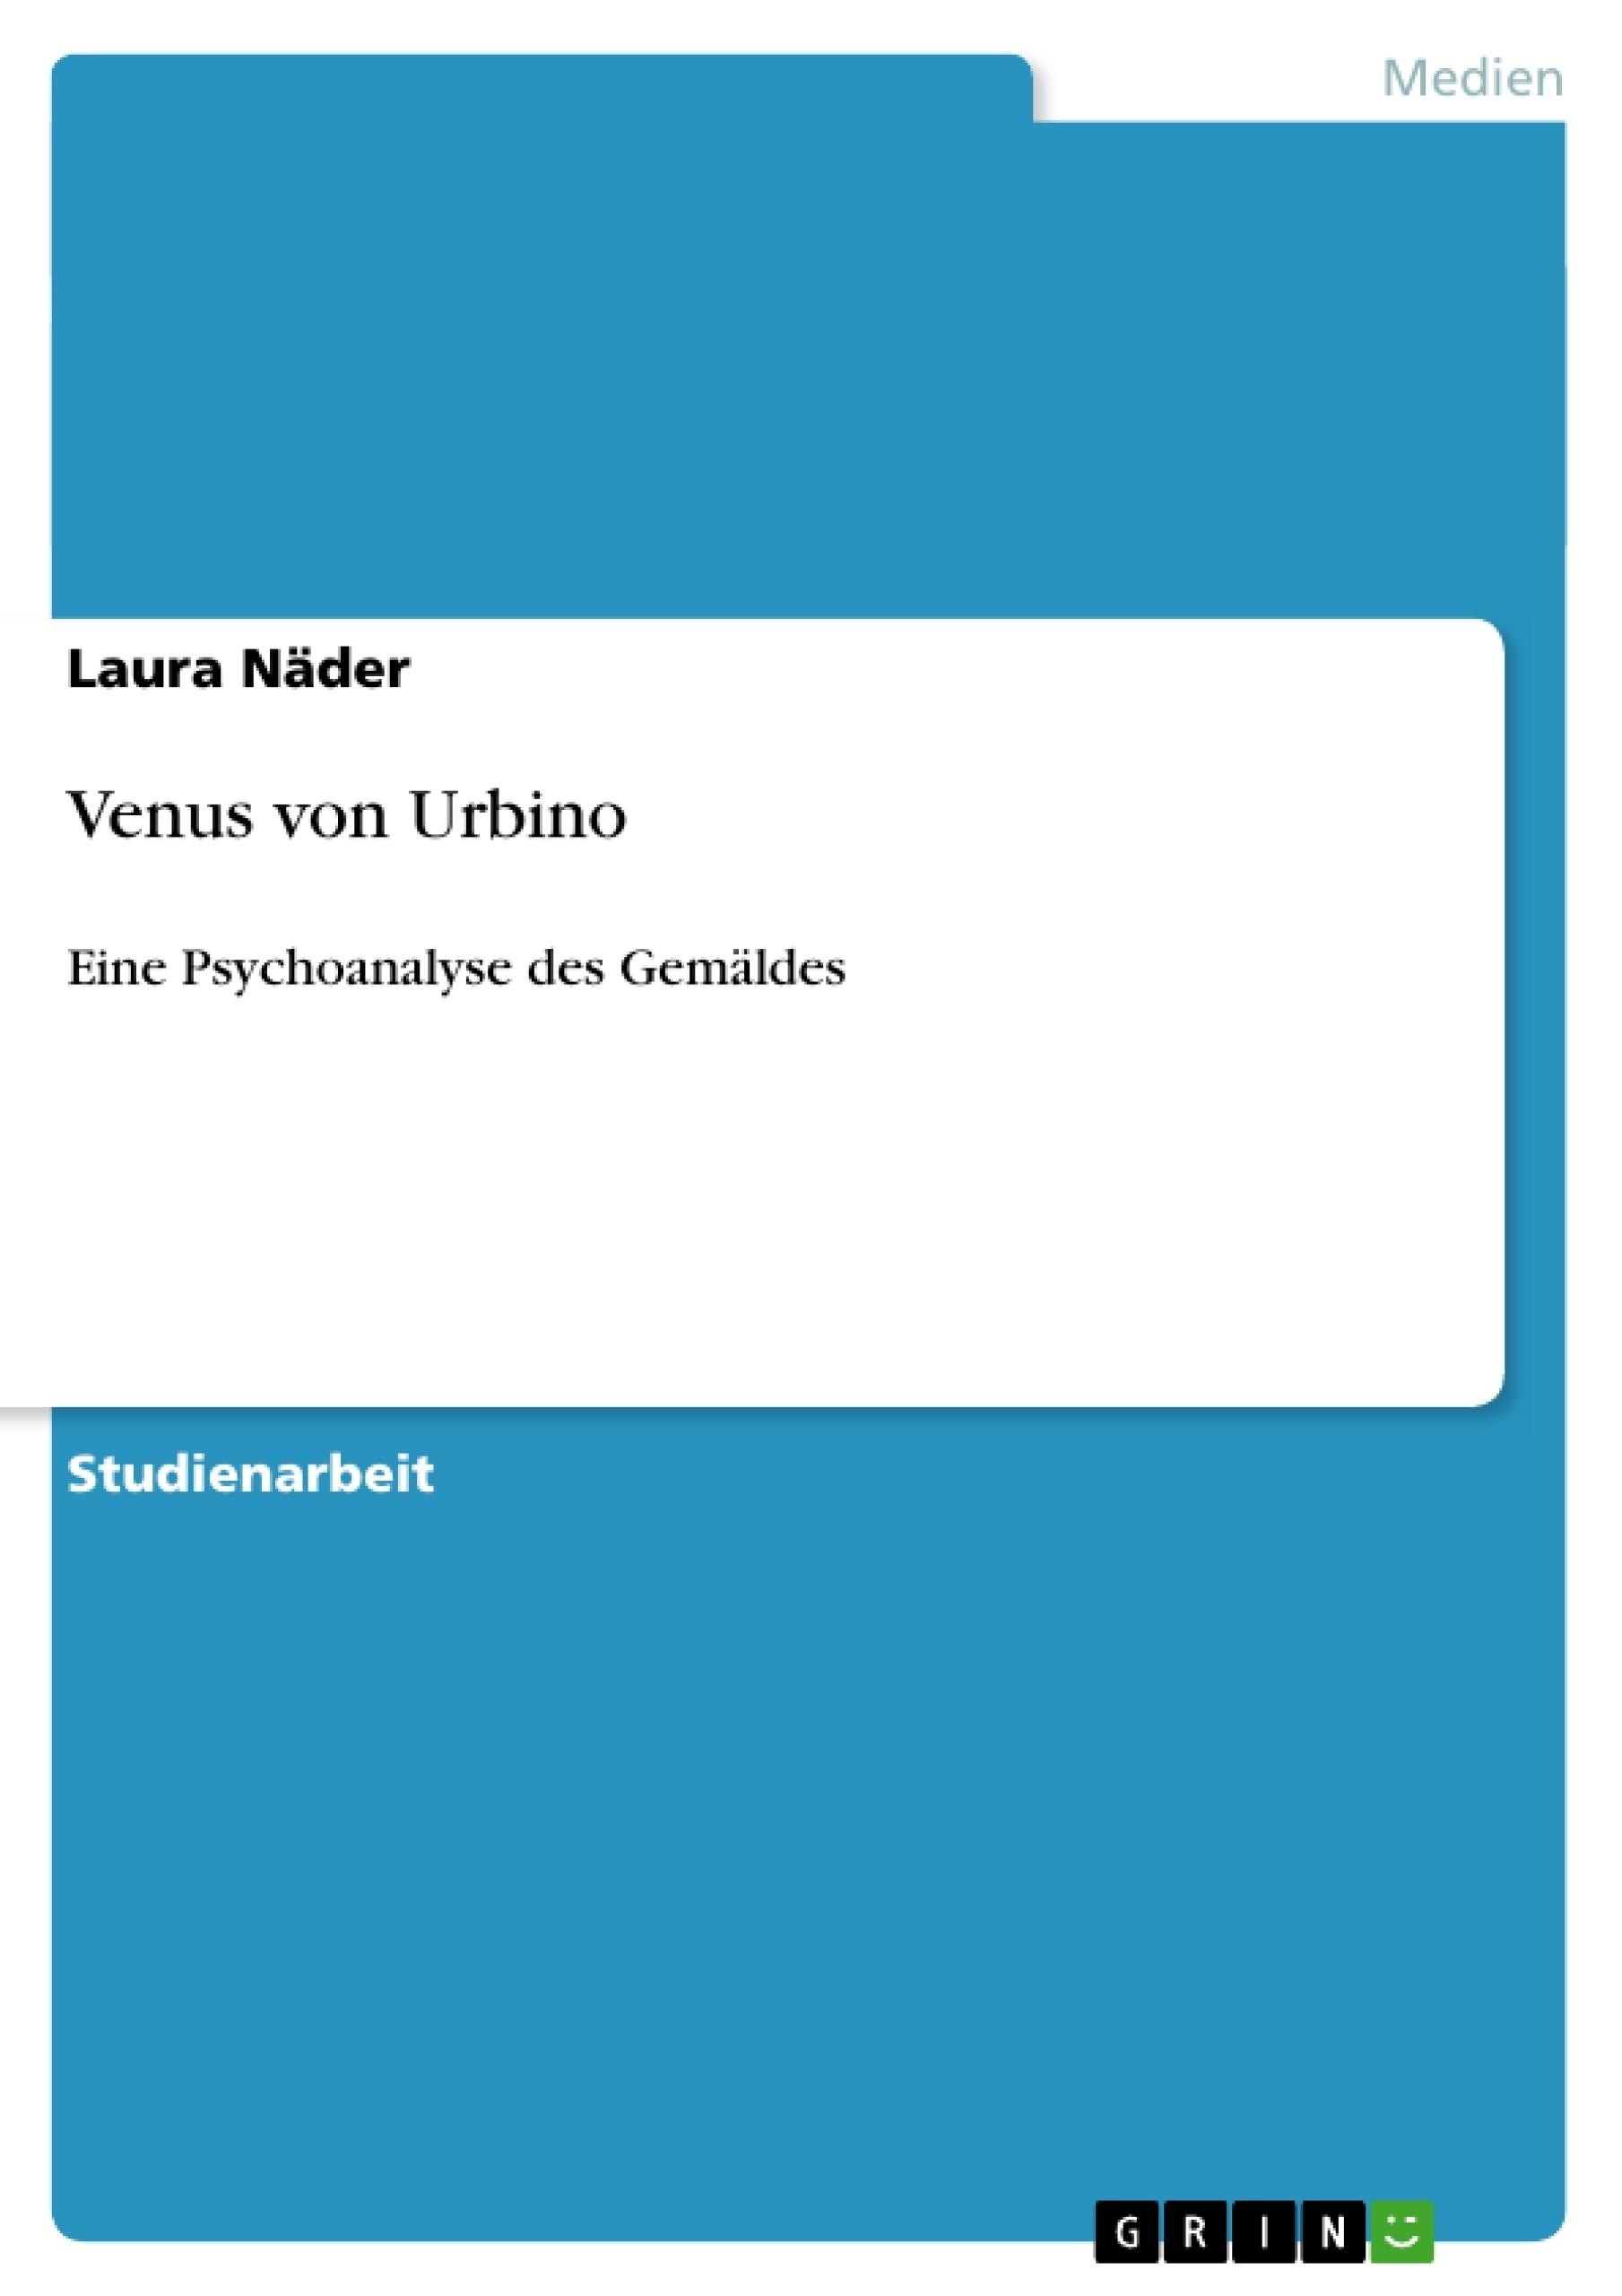 Titel: Venus von Urbino